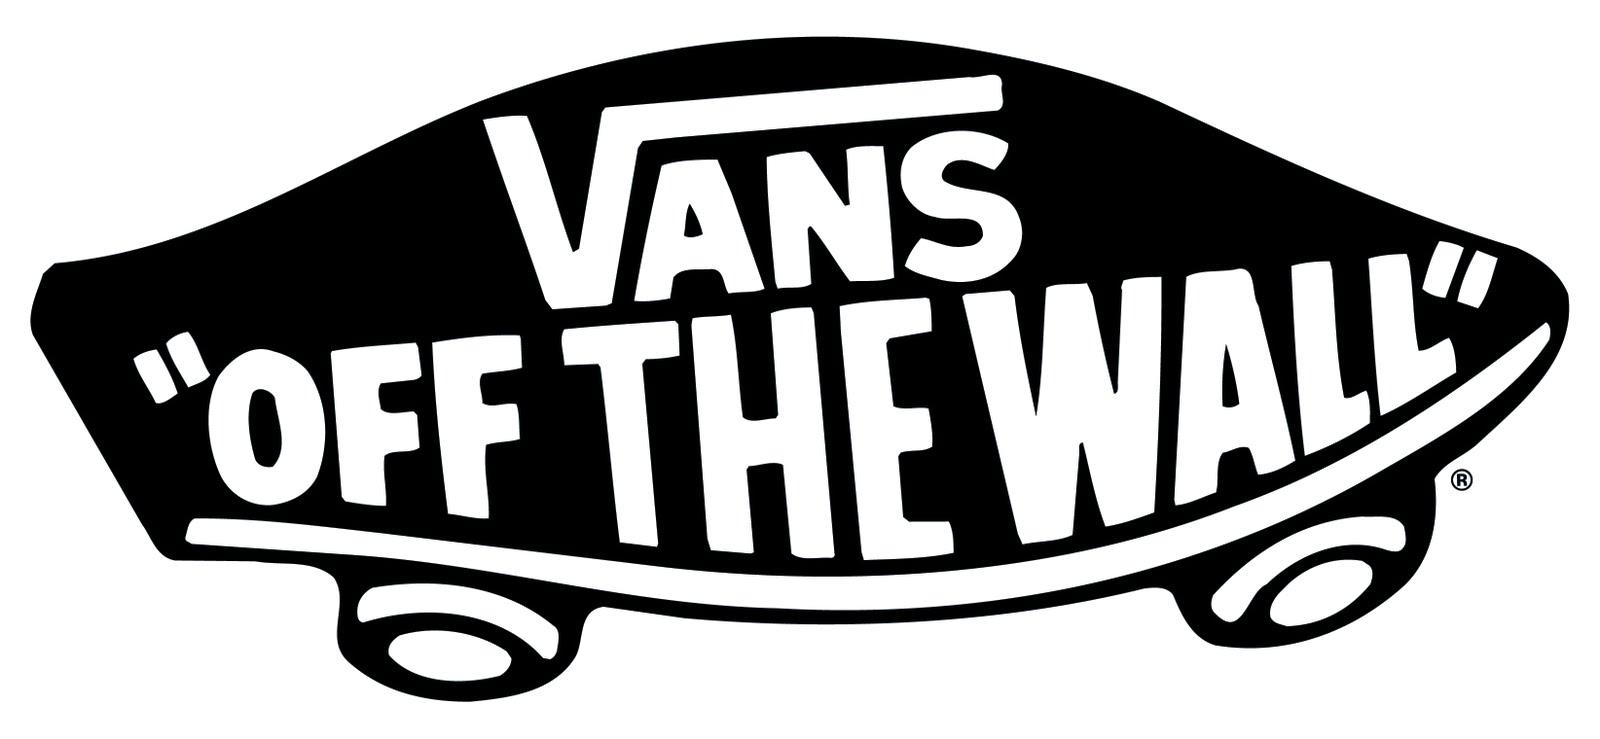 logo-logo-vans-off-the-wall-original-full-hd-resolution-wallpaper.jpg